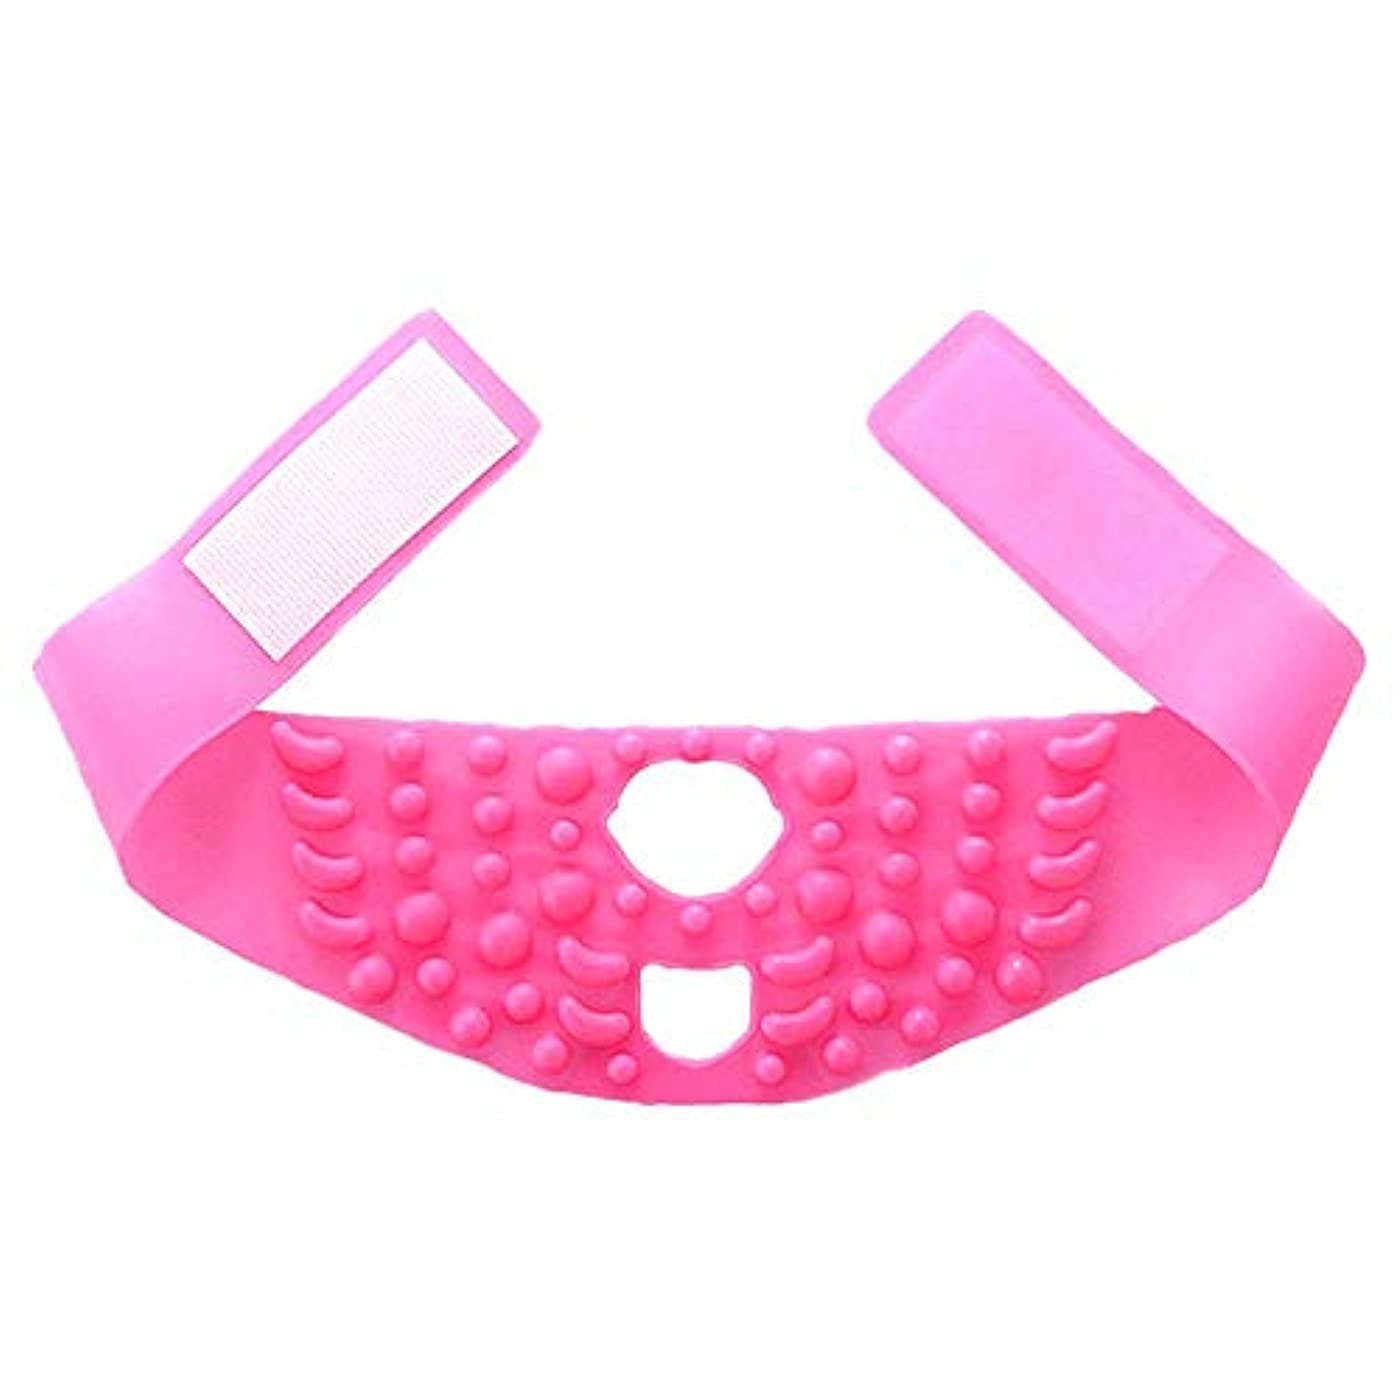 うるさい特権毛布飛強強 シンフェイスマスクシリコーンマッサージ引き締まった形の小さなVフェイスリフティングに薄いフェイスアーティファクト包帯を飾る - ピンク スリムフィット美容ツール